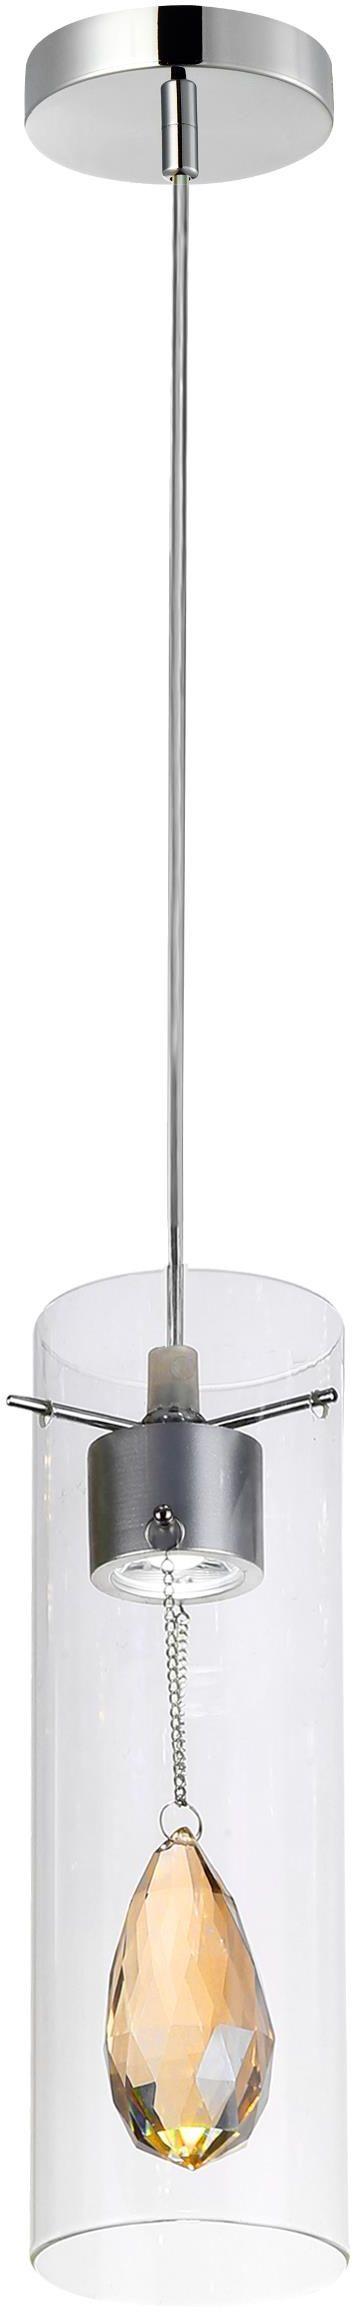 Lampex Deva 1 614/1 lampa wisząca nowoczesna podłużny szklany klosz osadzony na metalowej oprawie LED 1x 3W 10cm